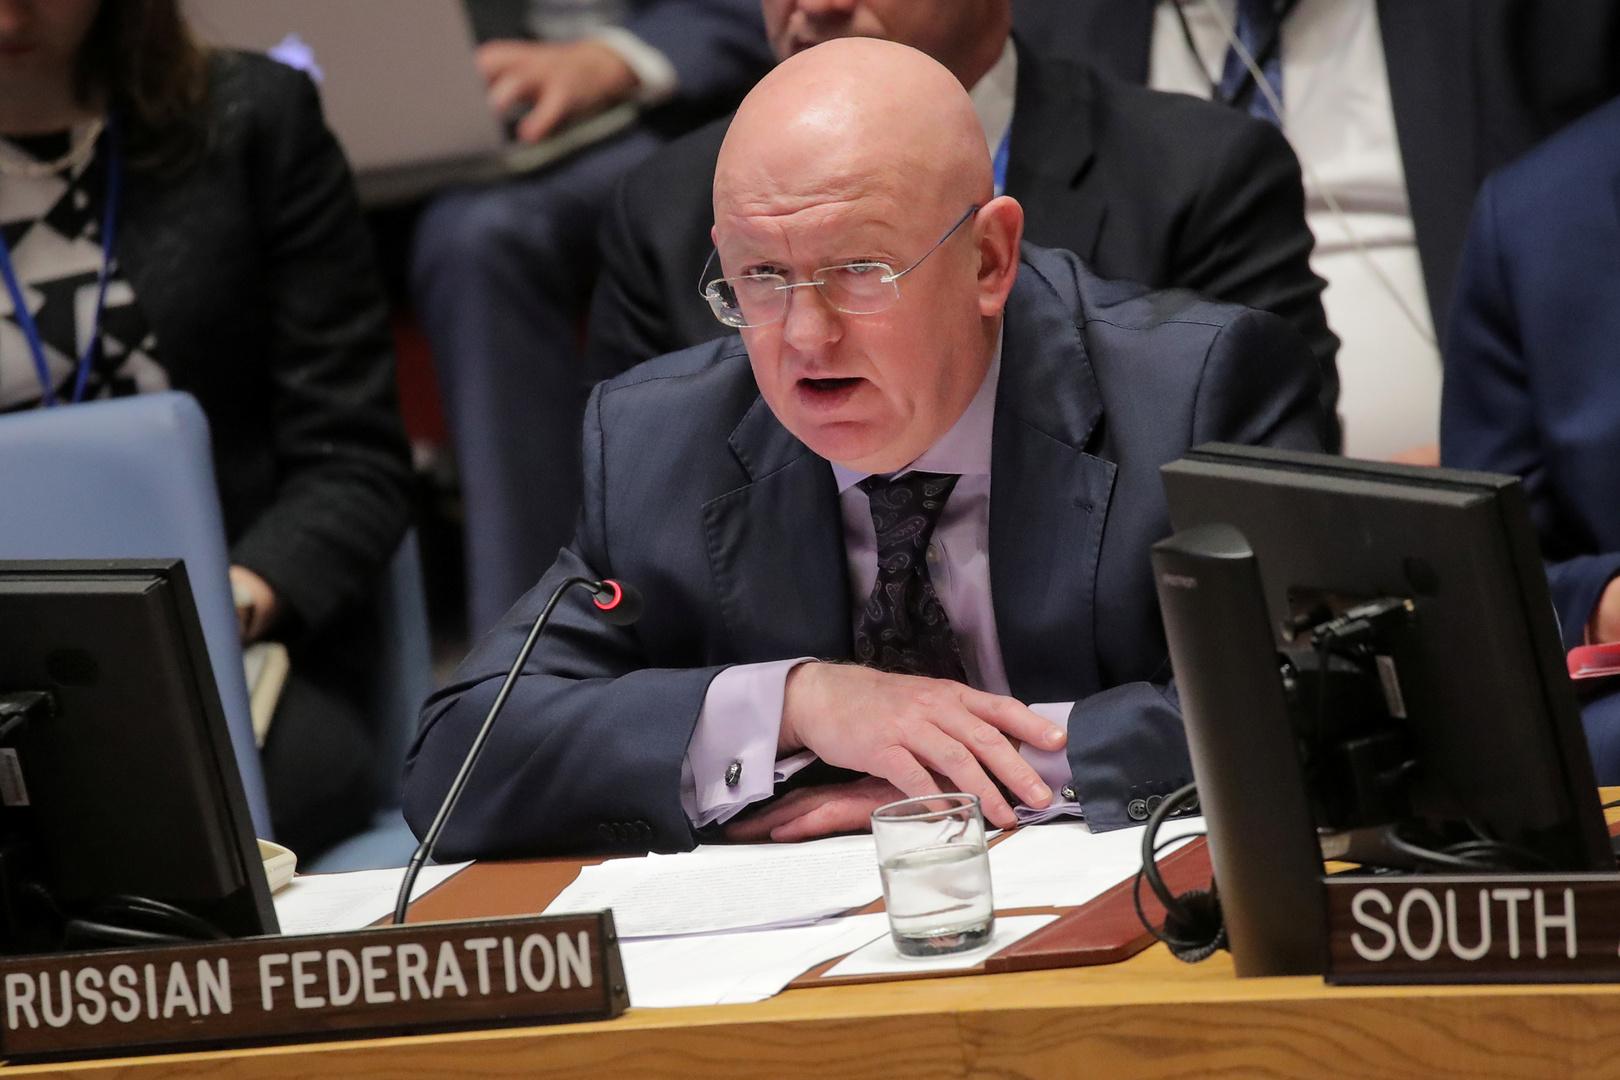 روسيا تحذر من تكرار سيناريو العراق عام 2003 في سوريا